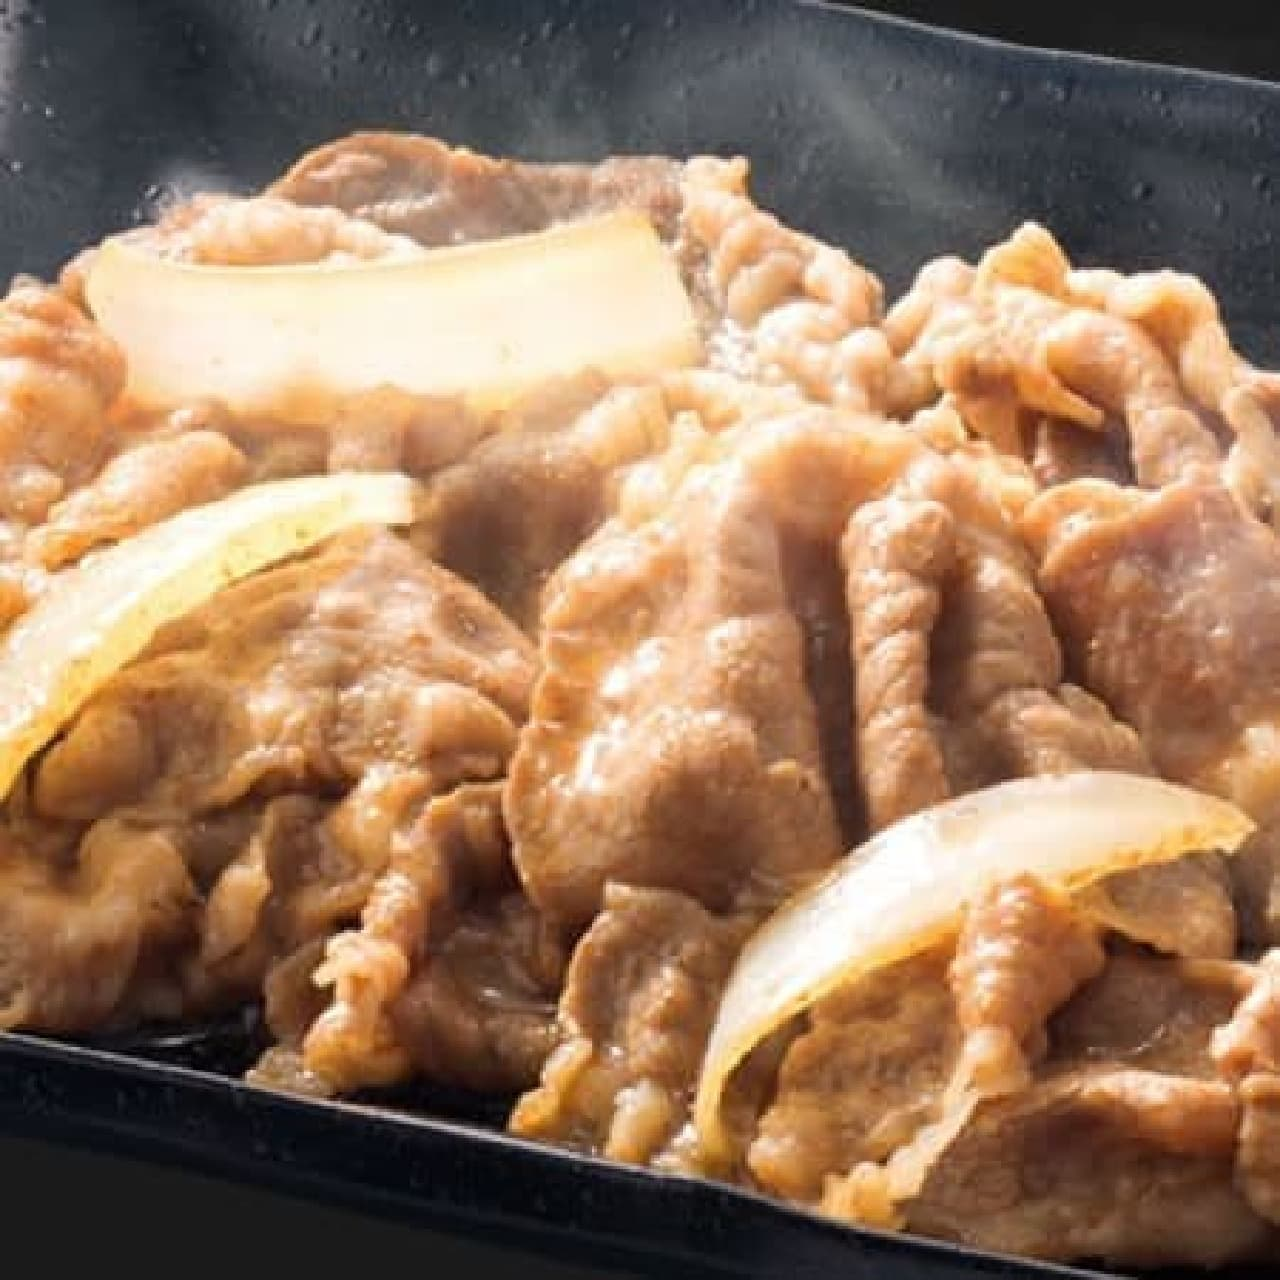 吉野家「牛皿」が定食になった「牛皿定食」